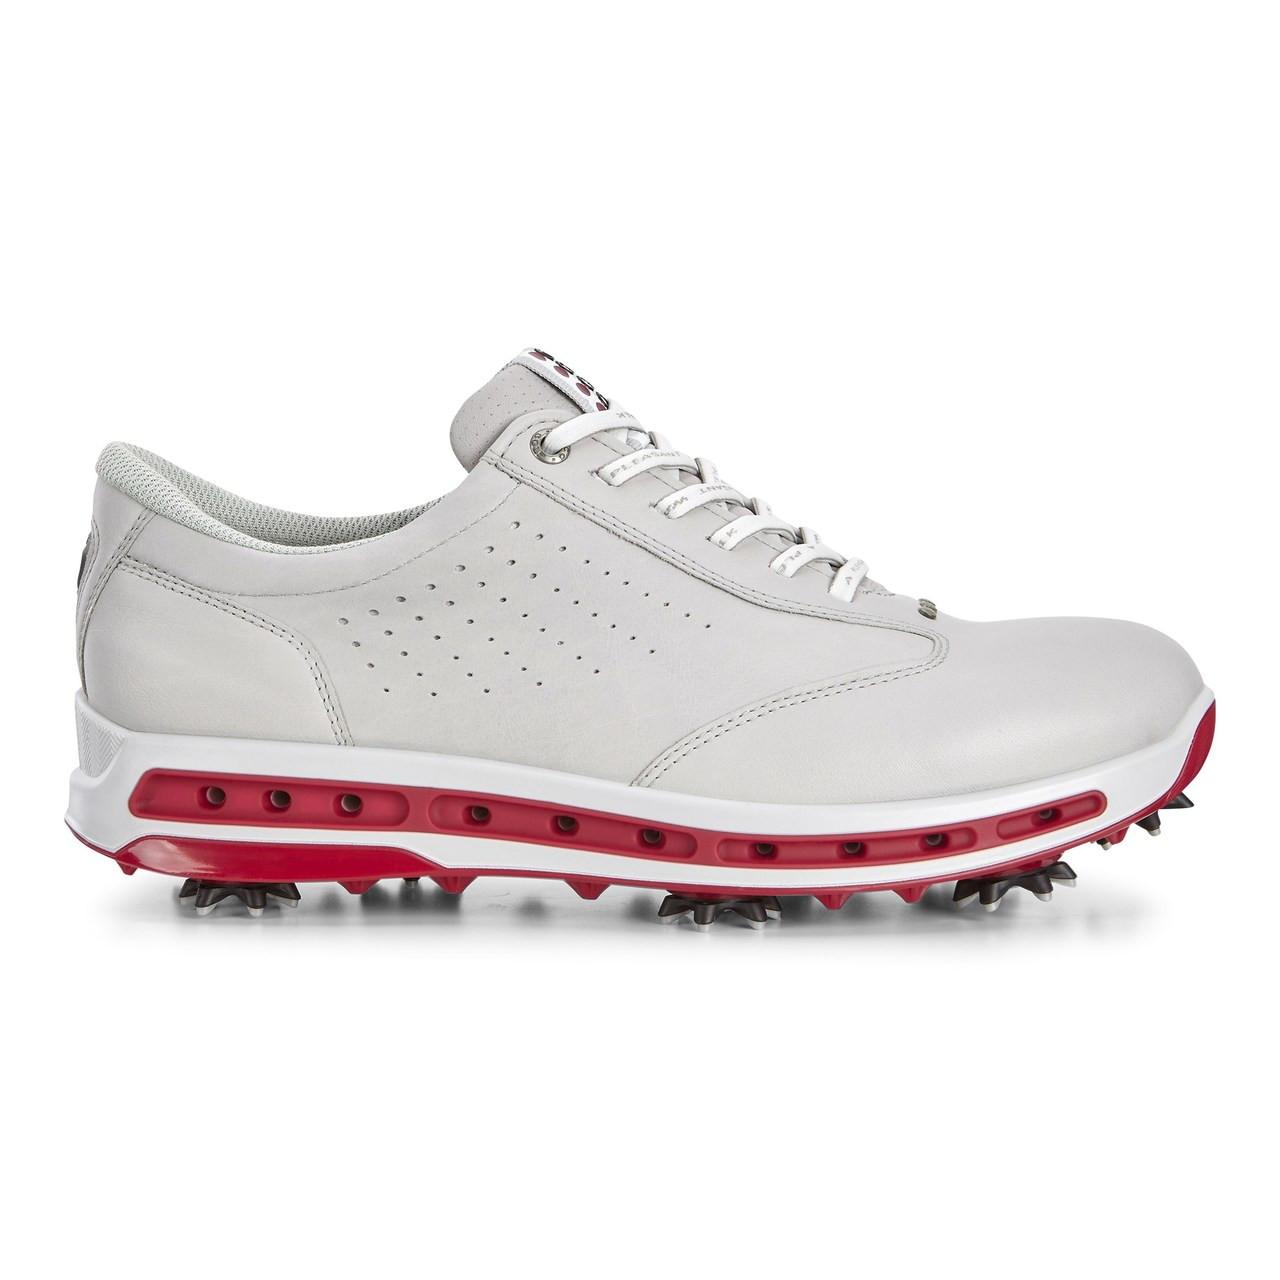 b0d5a029000a Ecco Mens Golf Cool Goretex Shoes Concrete